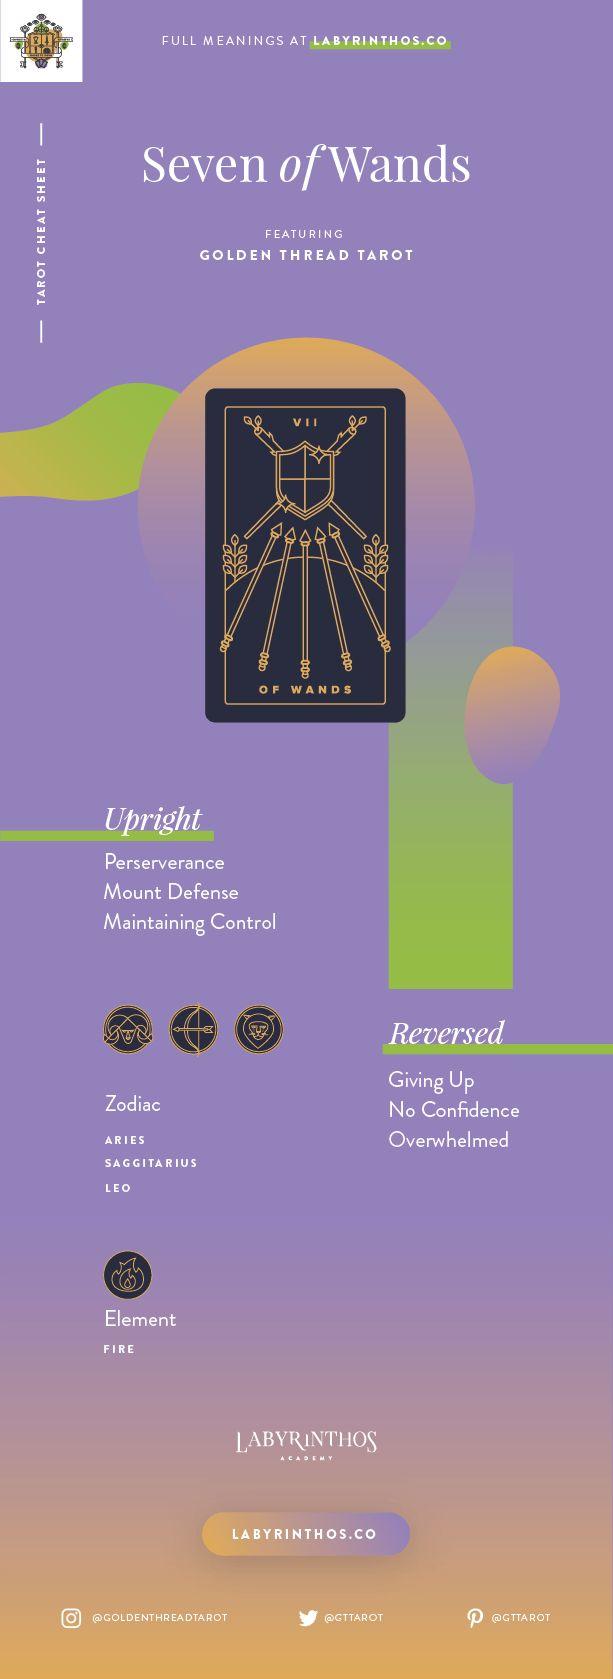 Seven of Wands Meaning - Tarot Card Meanings Cheat Sheet. Art from Golden Thread Tarot.